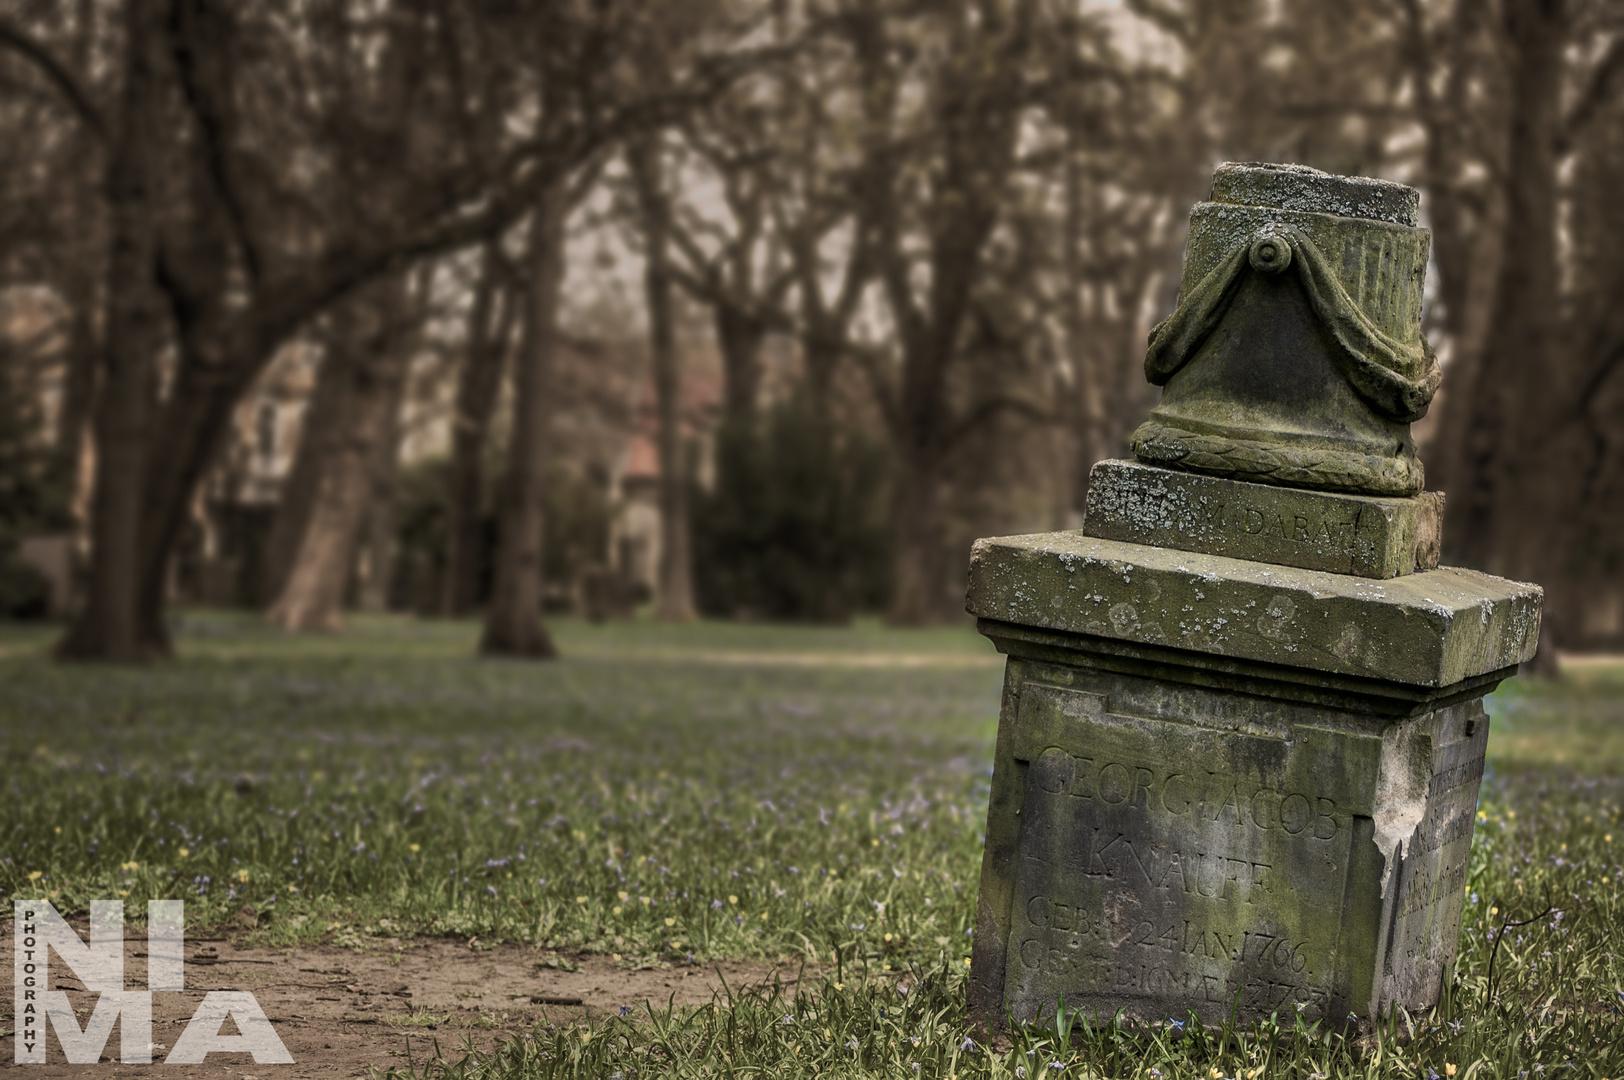 Magnifriedhof, Braunschweig